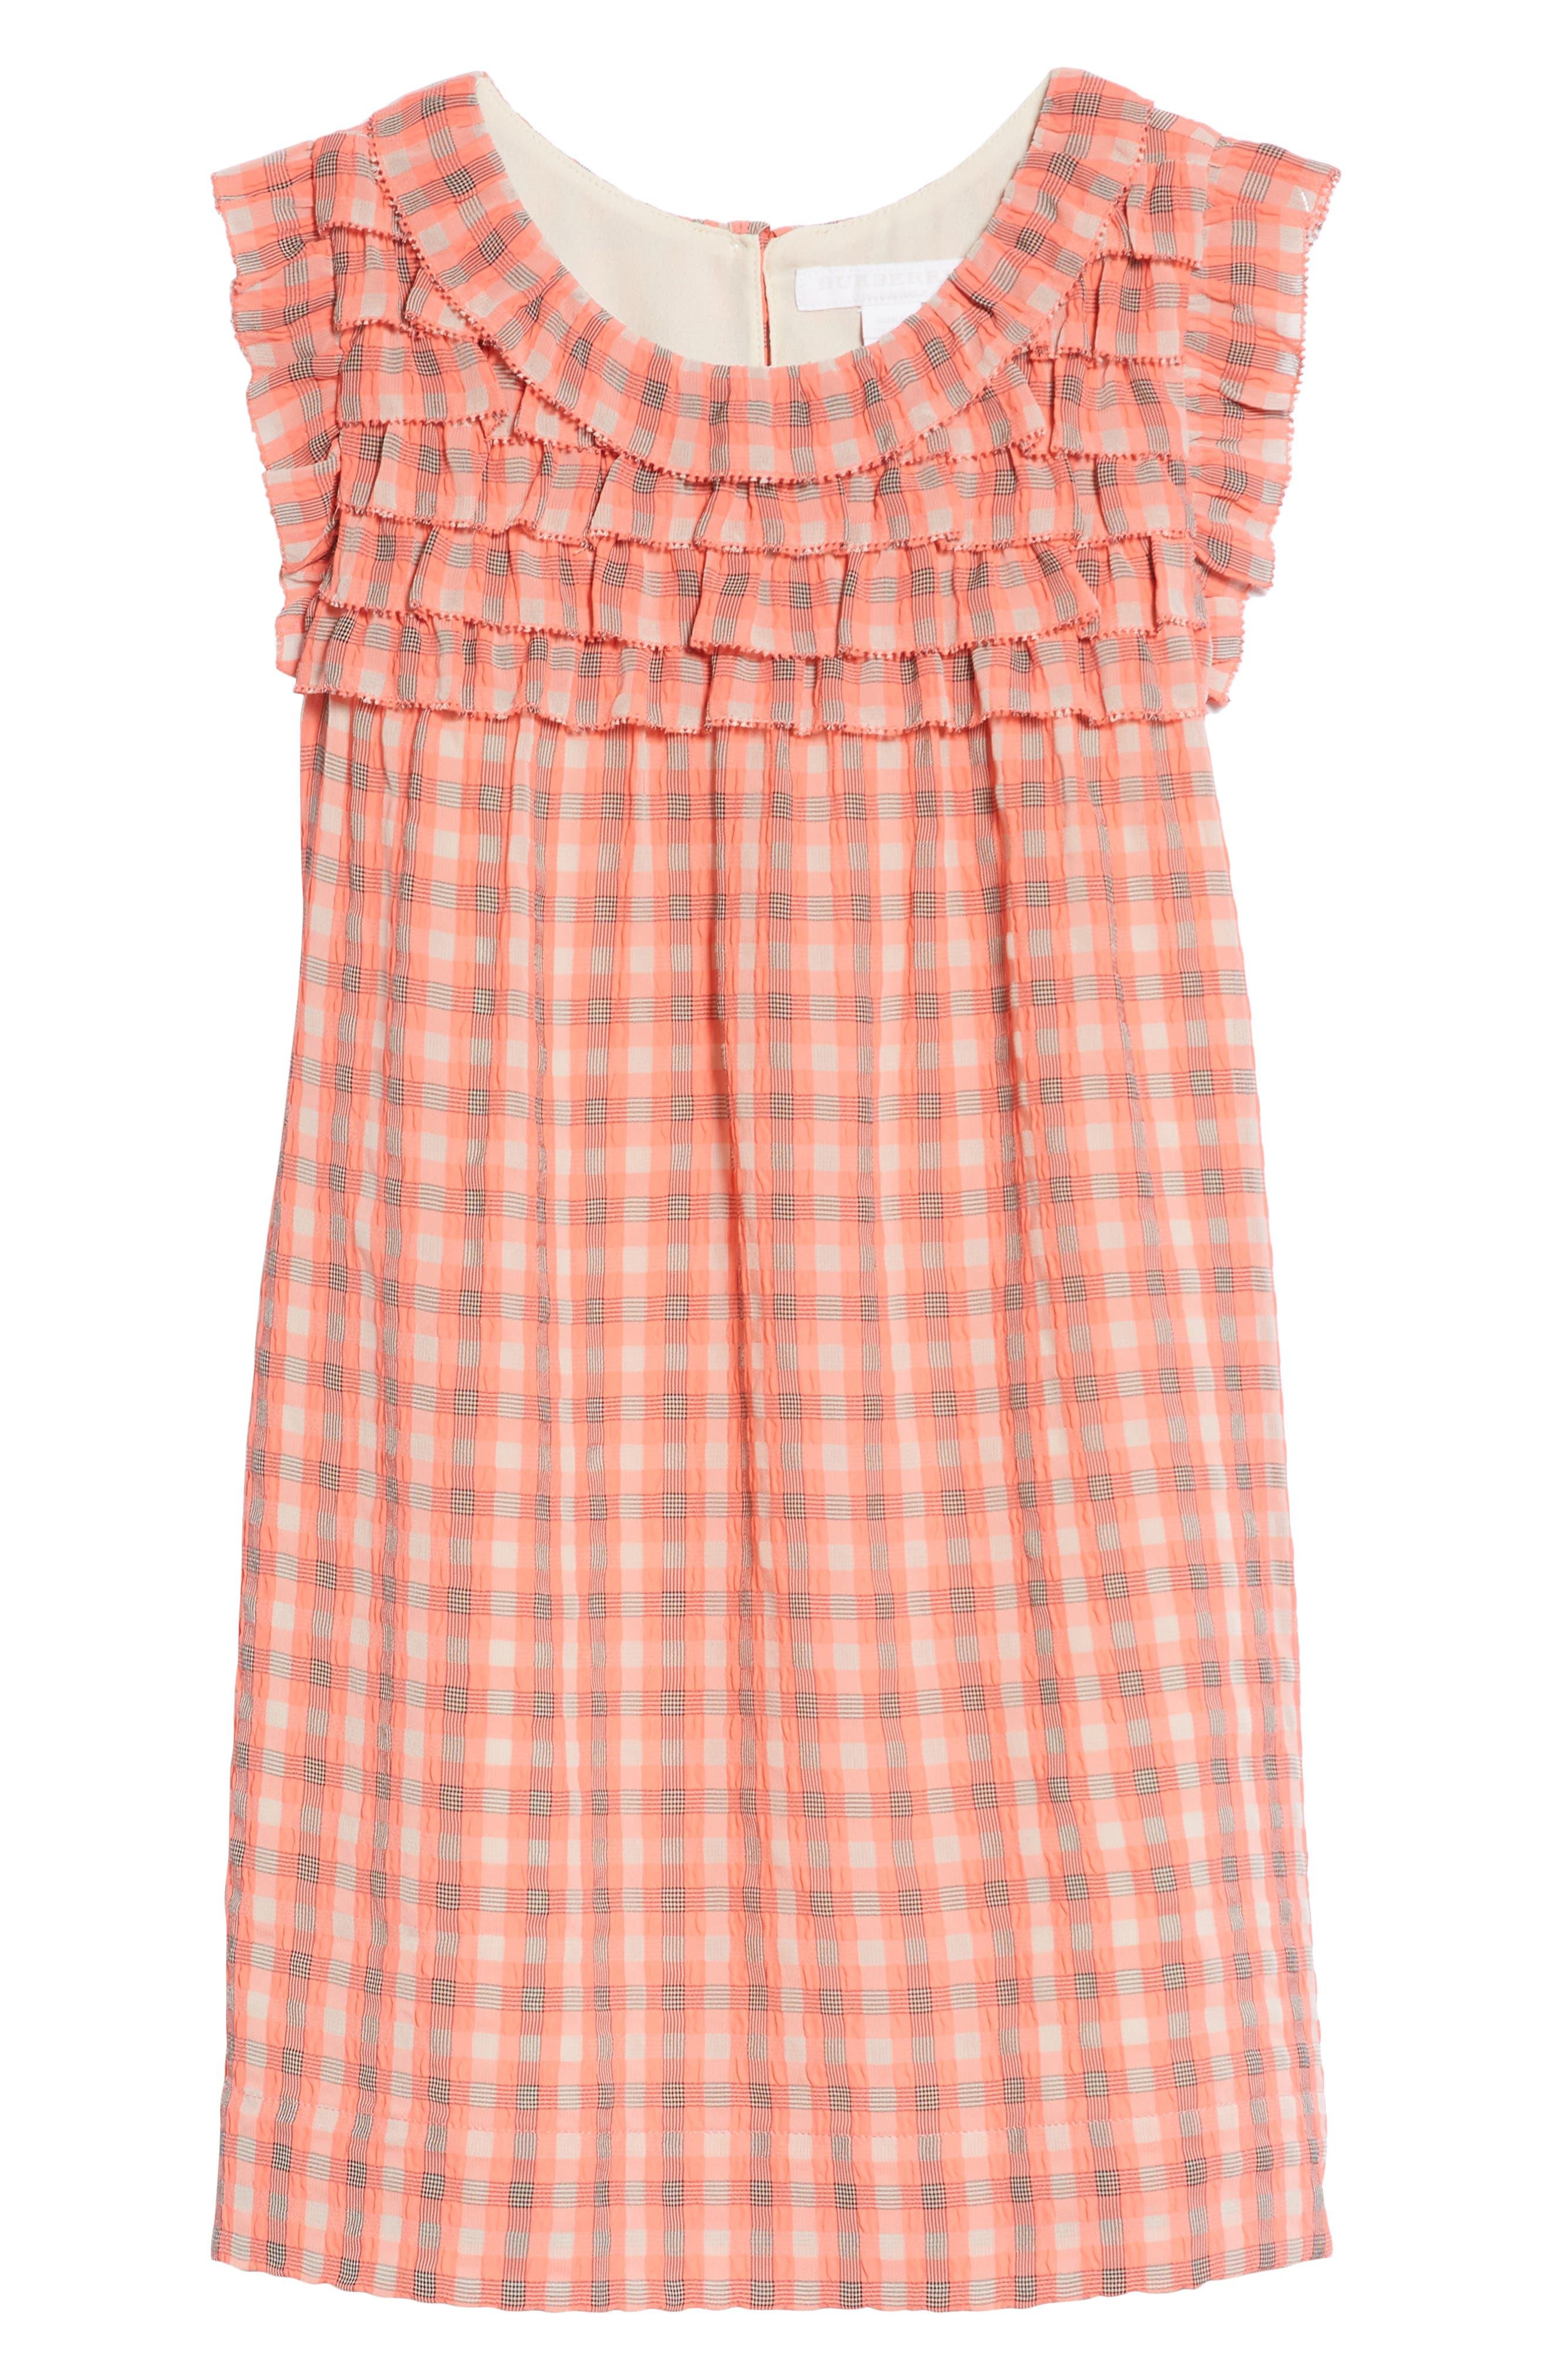 Magnoly Check Ruffle Dress,                         Main,                         color, Bright Coral Pink